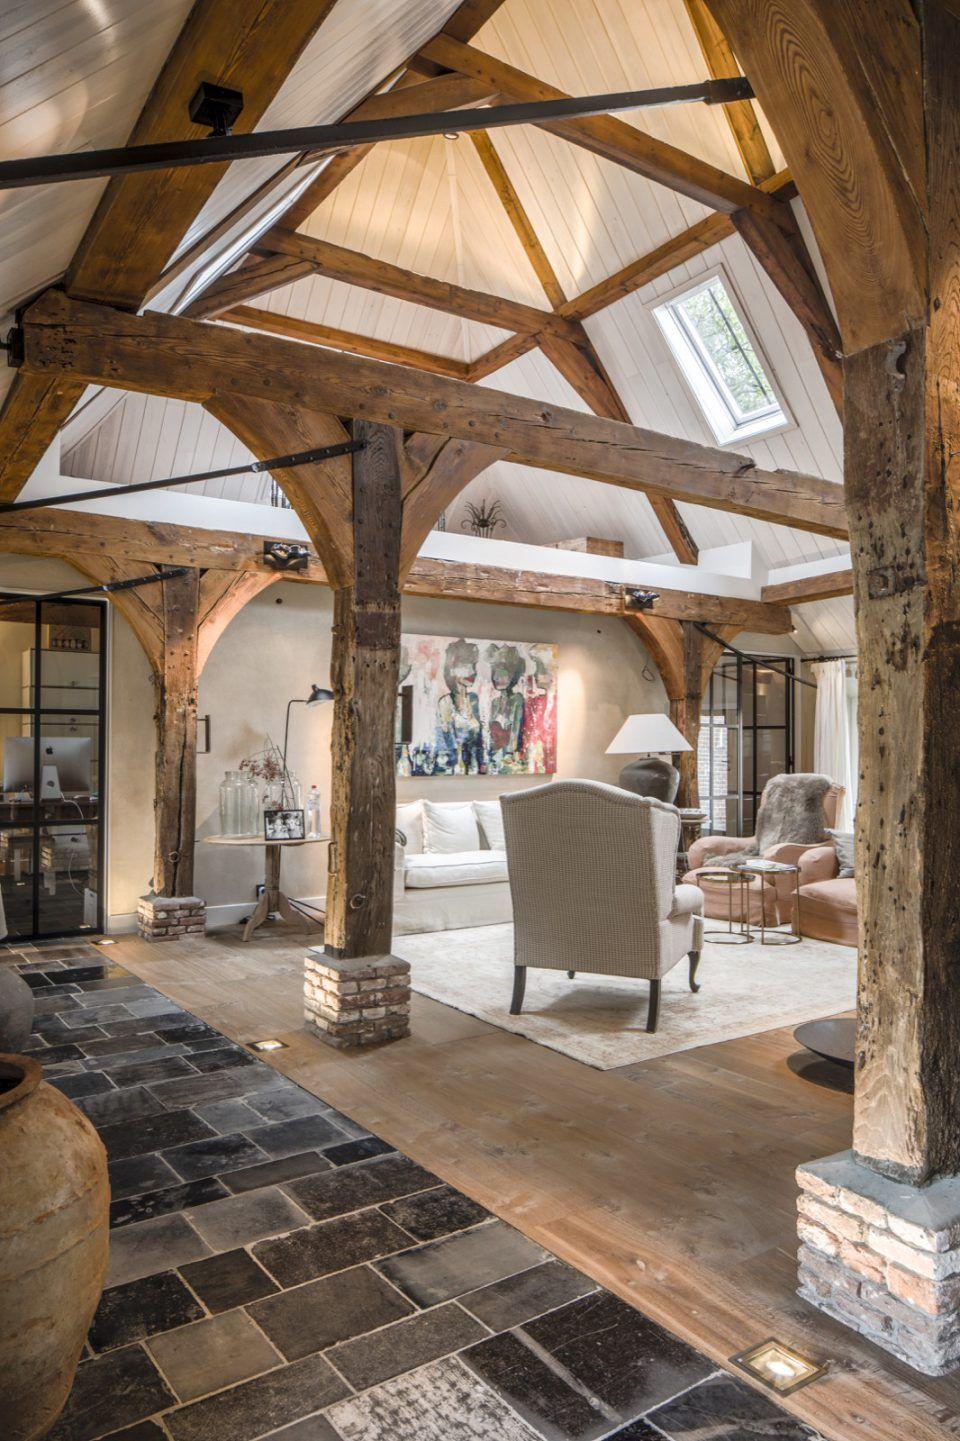 maretti woonboerderij abcoude wohnen im wohnzimmer pinterest landhaus m bel dachstuhl. Black Bedroom Furniture Sets. Home Design Ideas